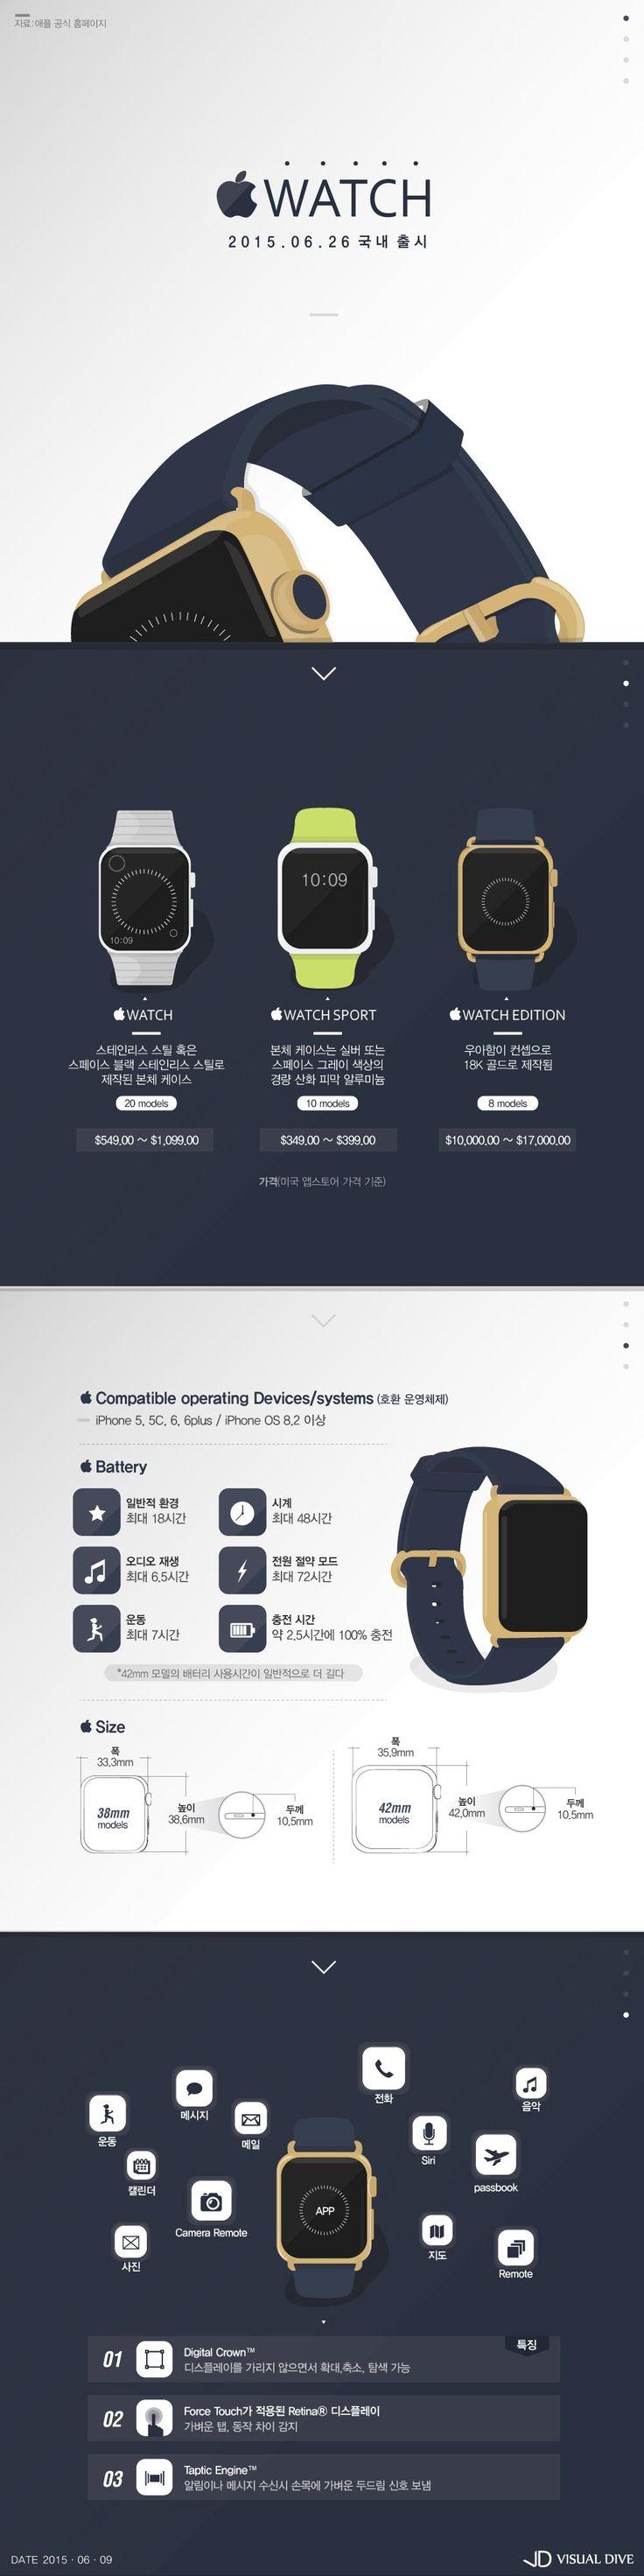 '한국 상륙' 애플워치, 오는 26일 출시…종류와 스펙은? [인포그래픽] | 뉴스다이브